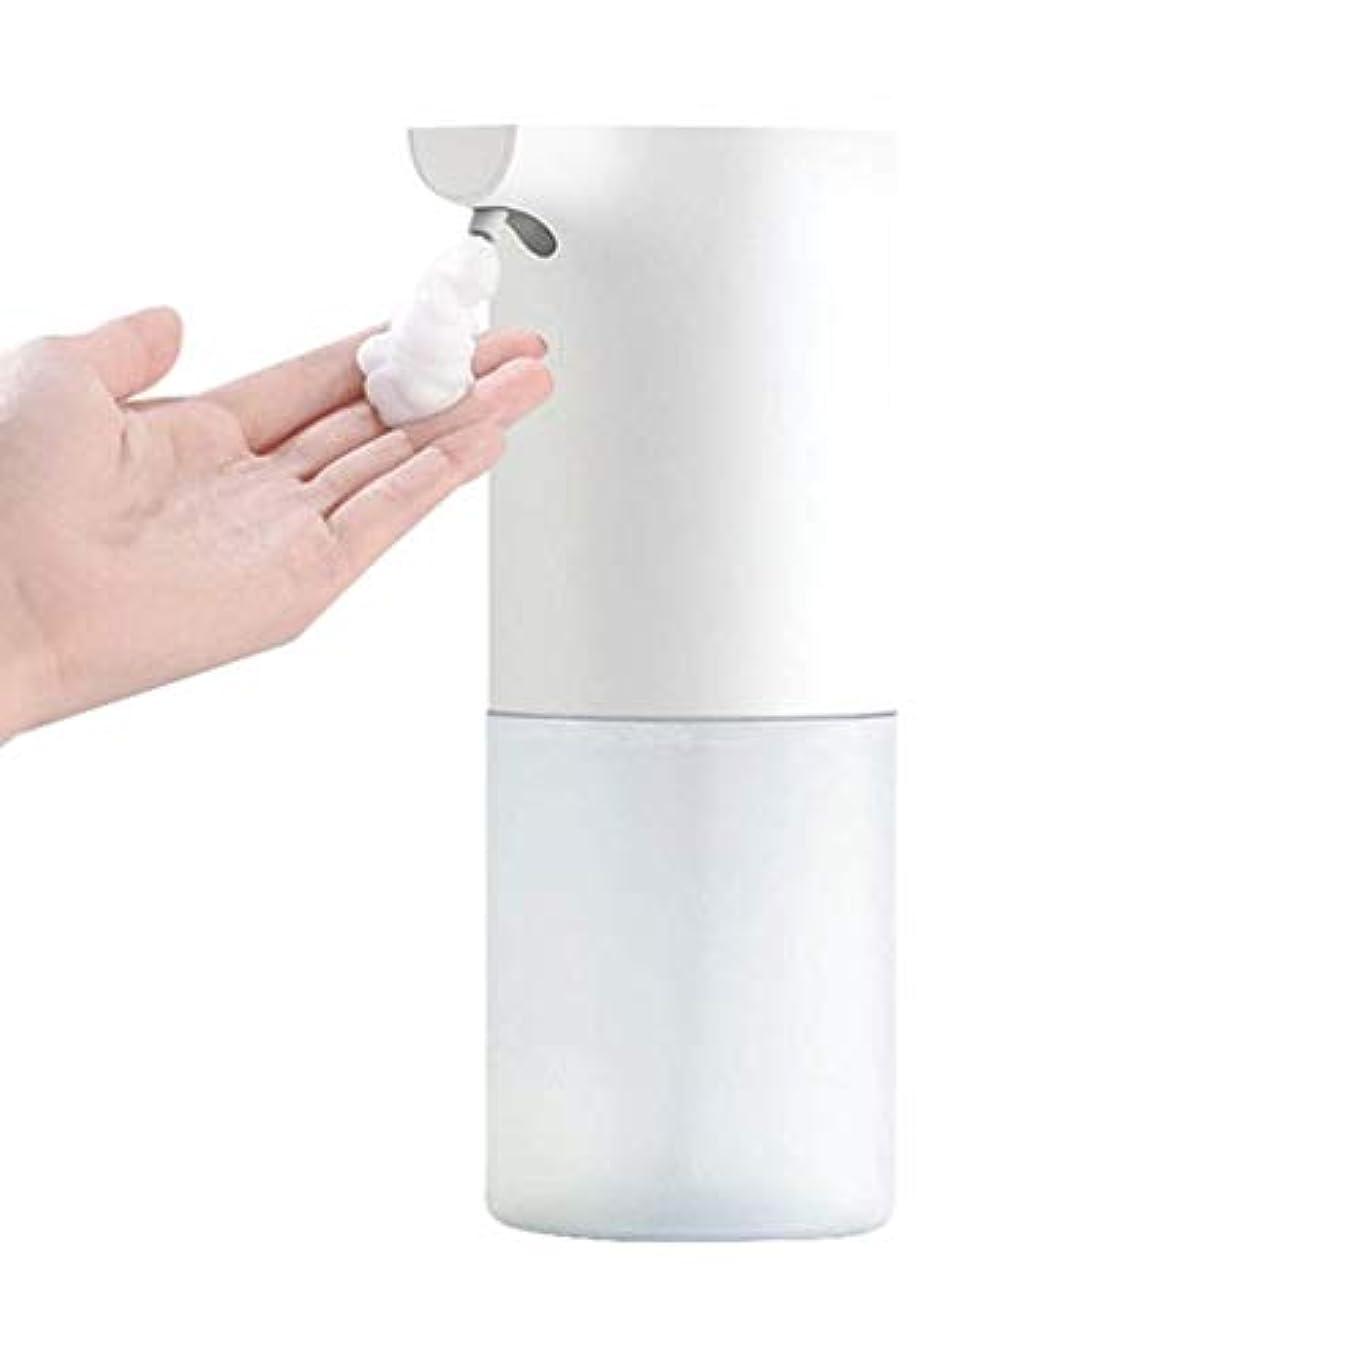 サルベージ挽くプランター誘導接触無料ハンドソープボトル手洗い自動洗濯携帯電話浴室キッチンプラスチック材料ローション(色:白、サイズ:7.3 * 7.3 * 19 cm) (Color : White, Size : 7.3*7.3*19cm)